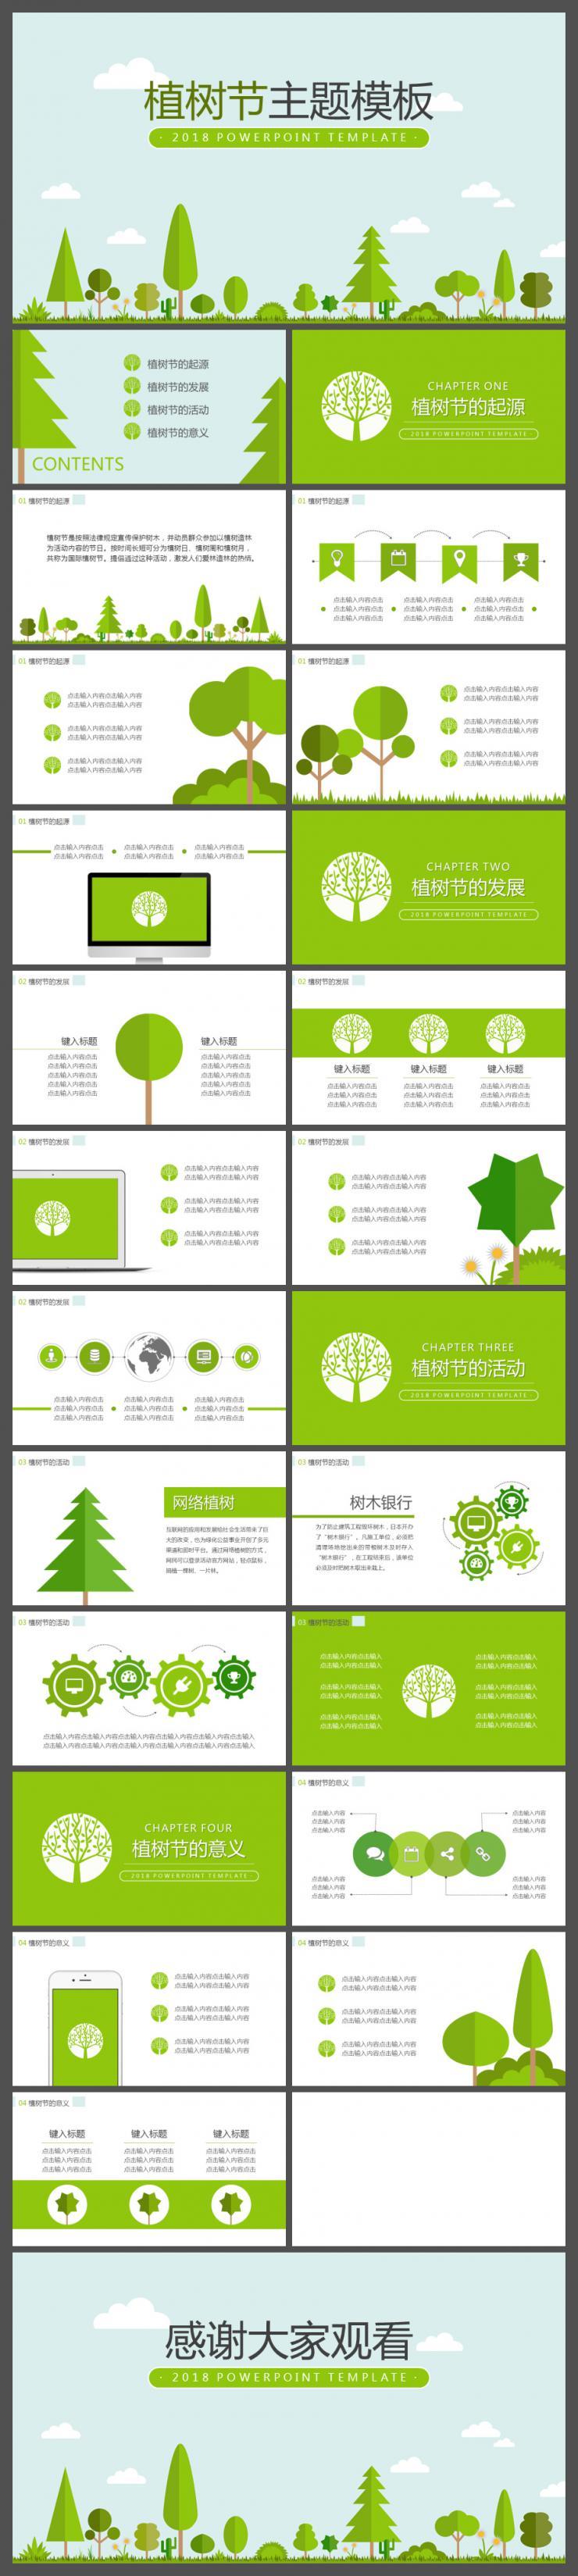 312绿色环保植树节活动主题PPT模板